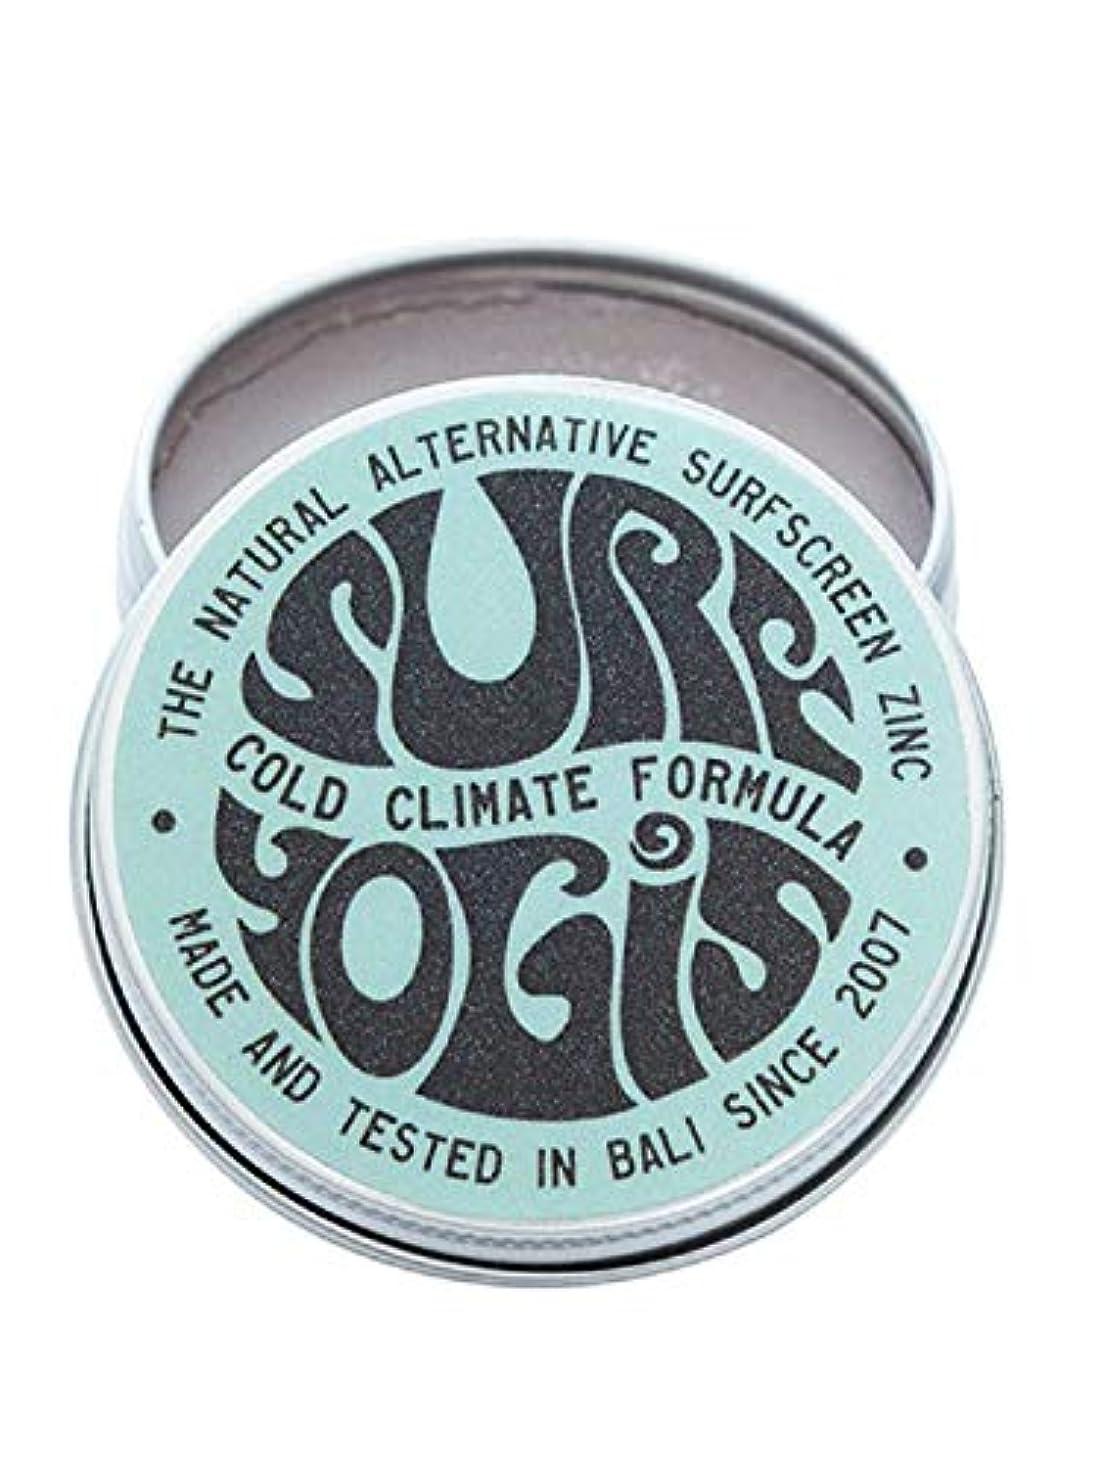 うれしいハブブ記念品SURF YOGIS(サーフヨギ) ナチュラルサーフスクリーン COLD CLIMATE FORMULA フォーミュラ 冬用 柔らかめ 日焼け止め オーガニック素材 60g SPF50 ノンケミカル